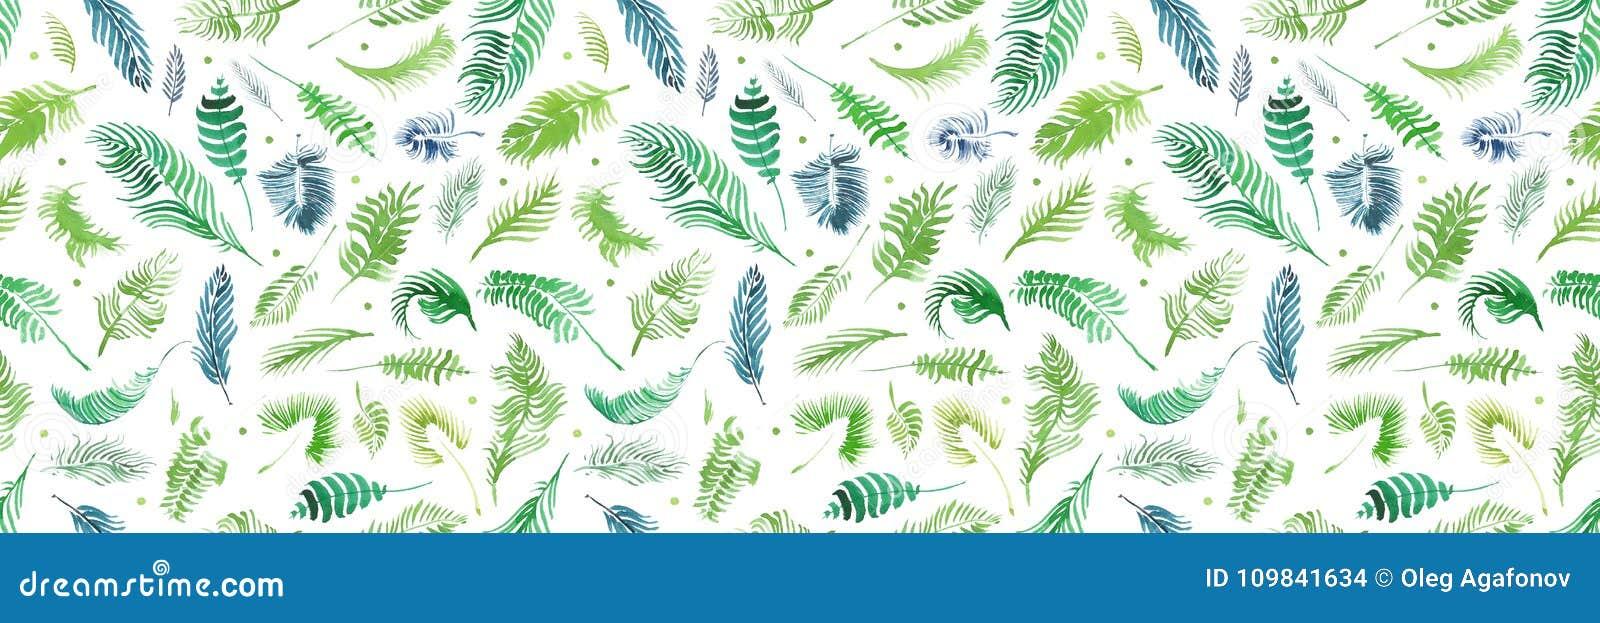 Las hojas de palma tropicales, selva salen del fondo inconsútil del estampado de flores, decoración tropical de la acuarela